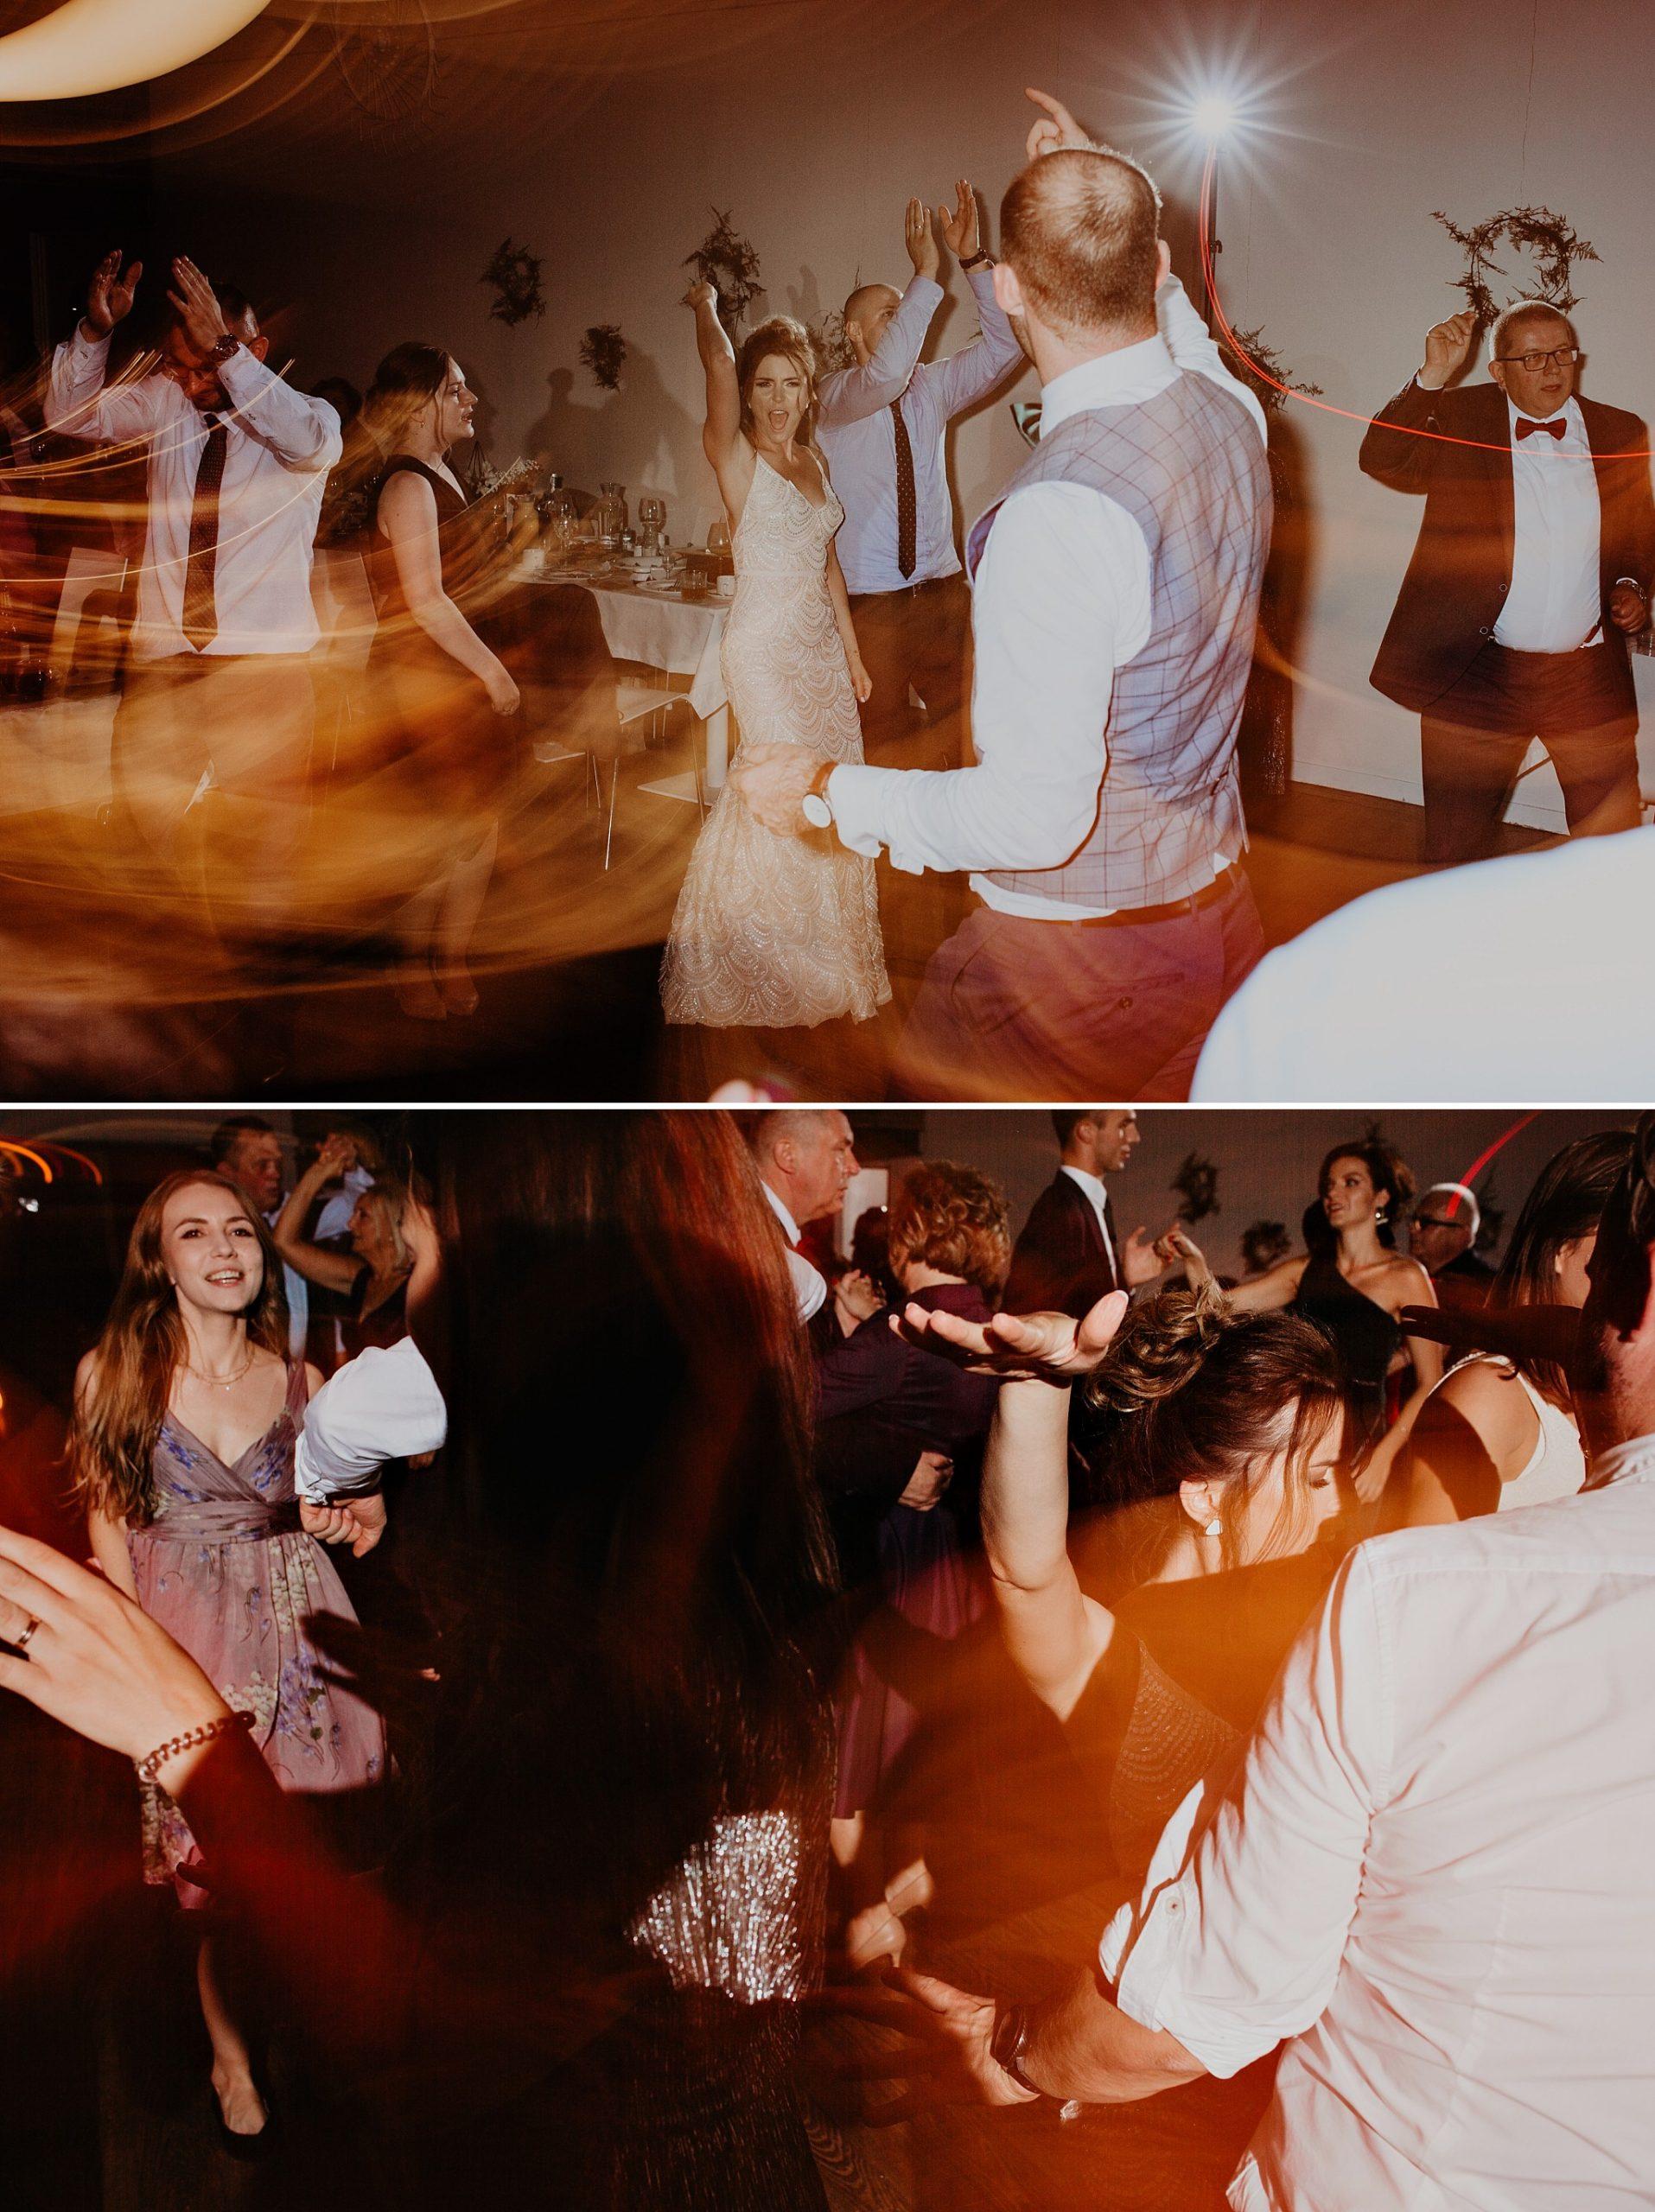 fotograf poznan wesele dobra truskawka piekne wesele pod poznaniem wesele w dobrej truskawce piekna para mloda slub marzen slub koronawirus slub listopad wesele koronawirus 435 scaled